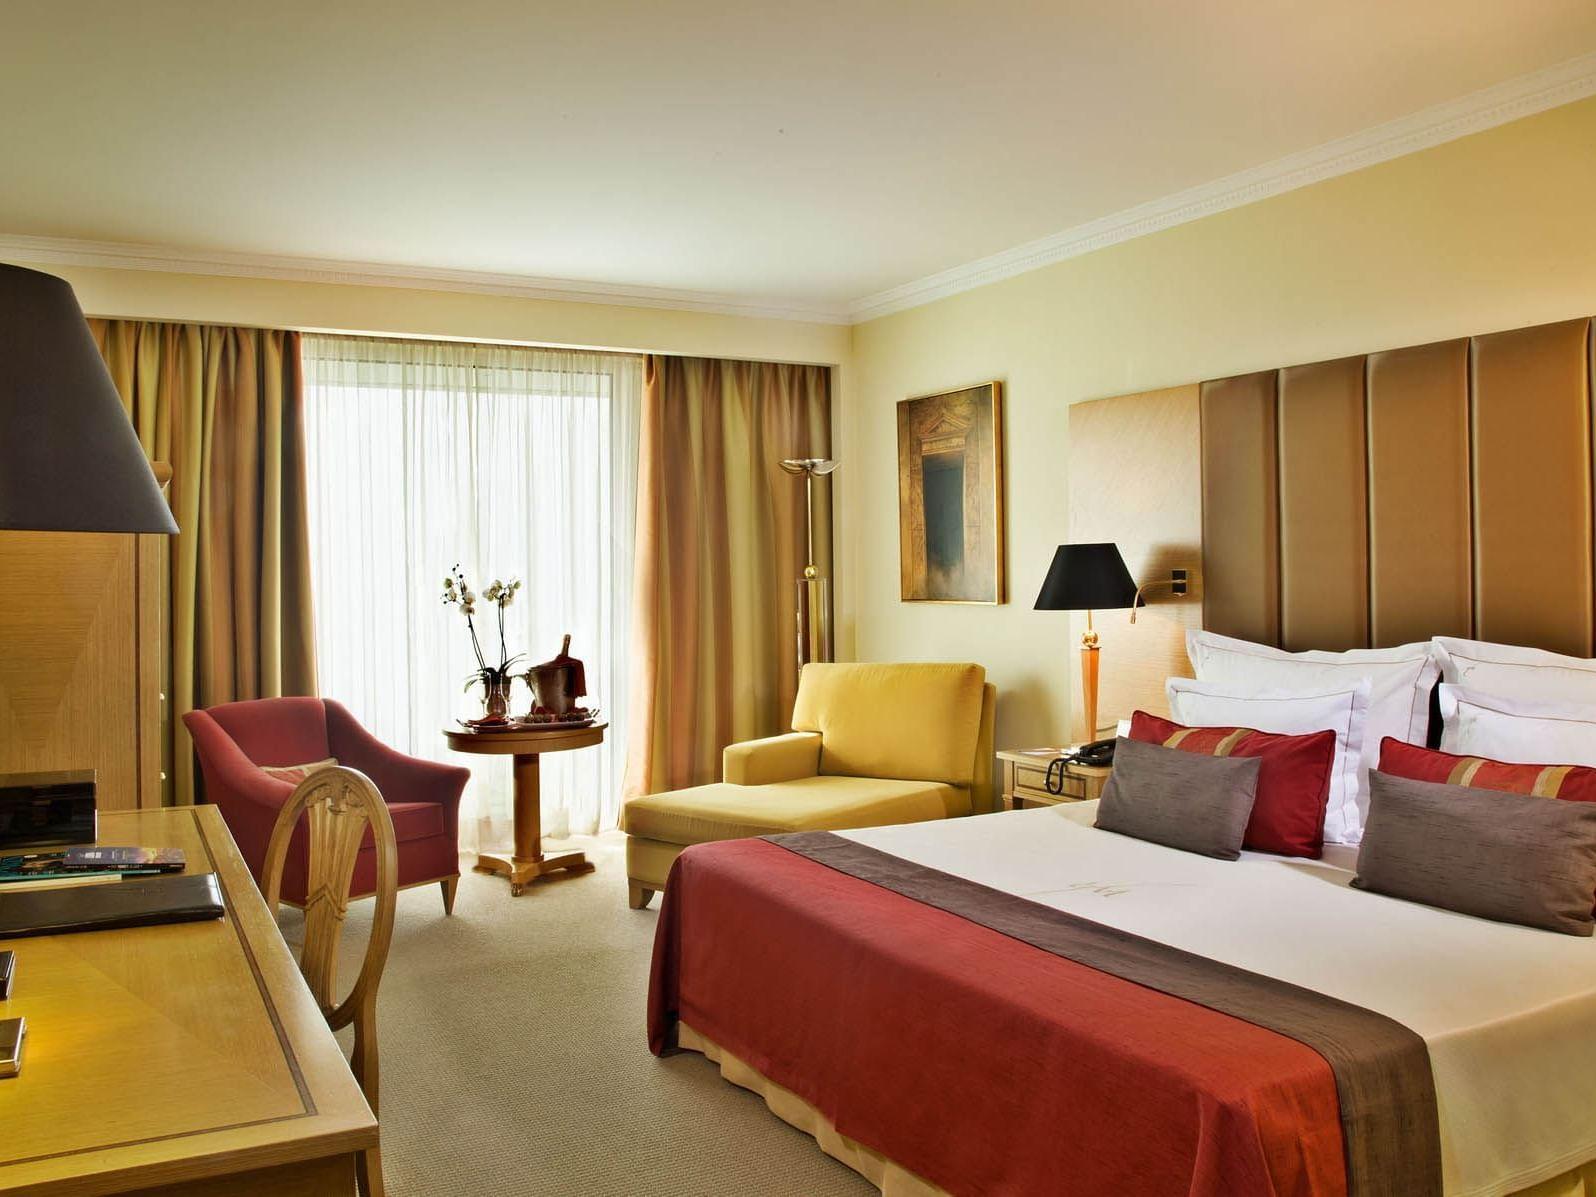 Neatly arranged Junior Suite at Hotel Cascais Miragem